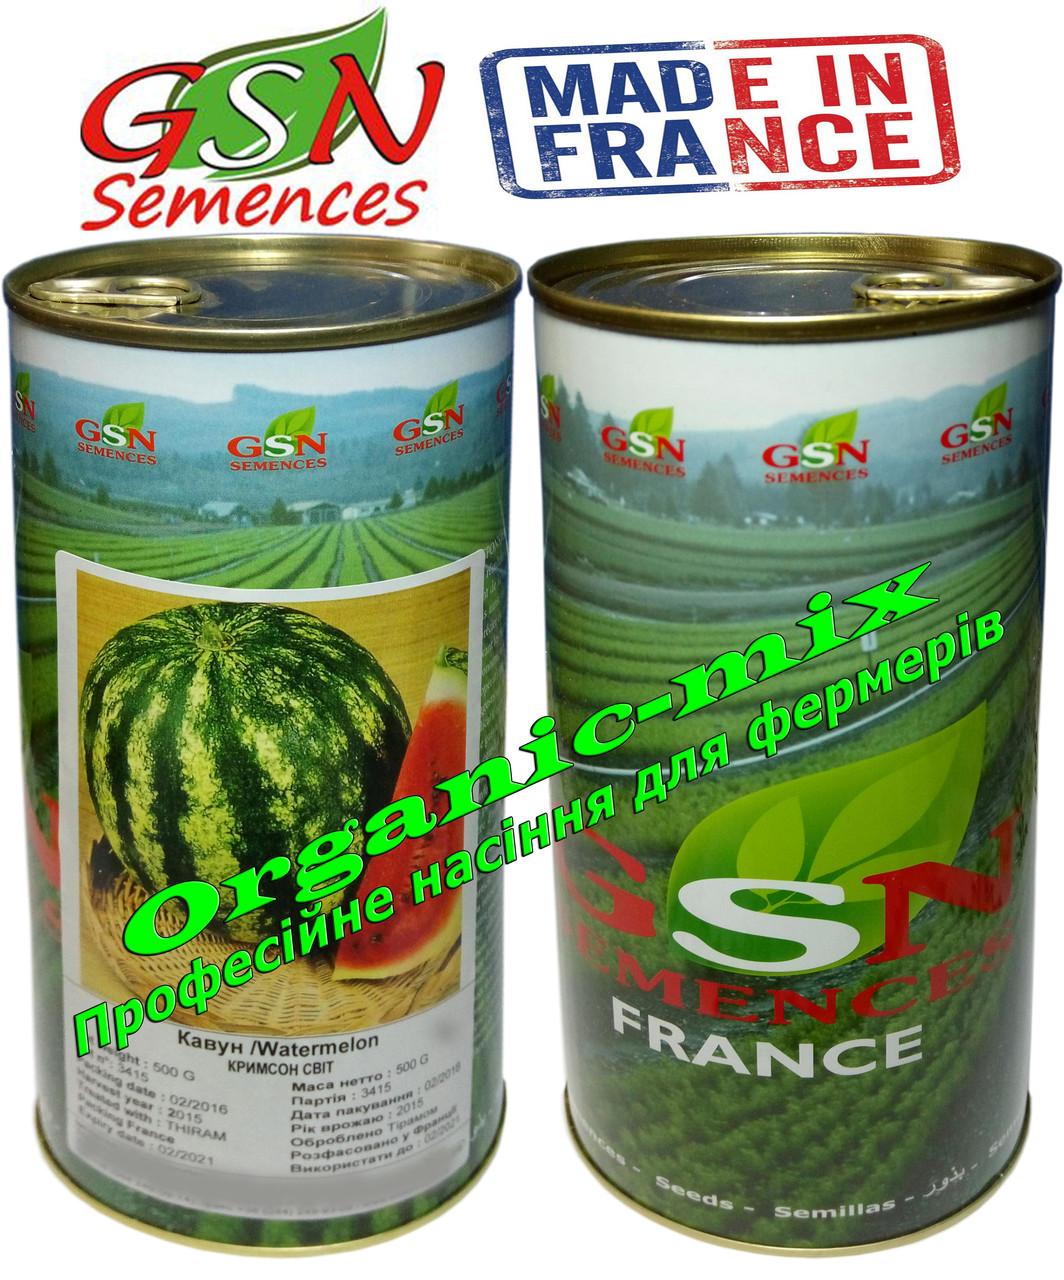 Семена, арбуз Кримсон Свит, GSN Semences (Франция), банка 500 грамм